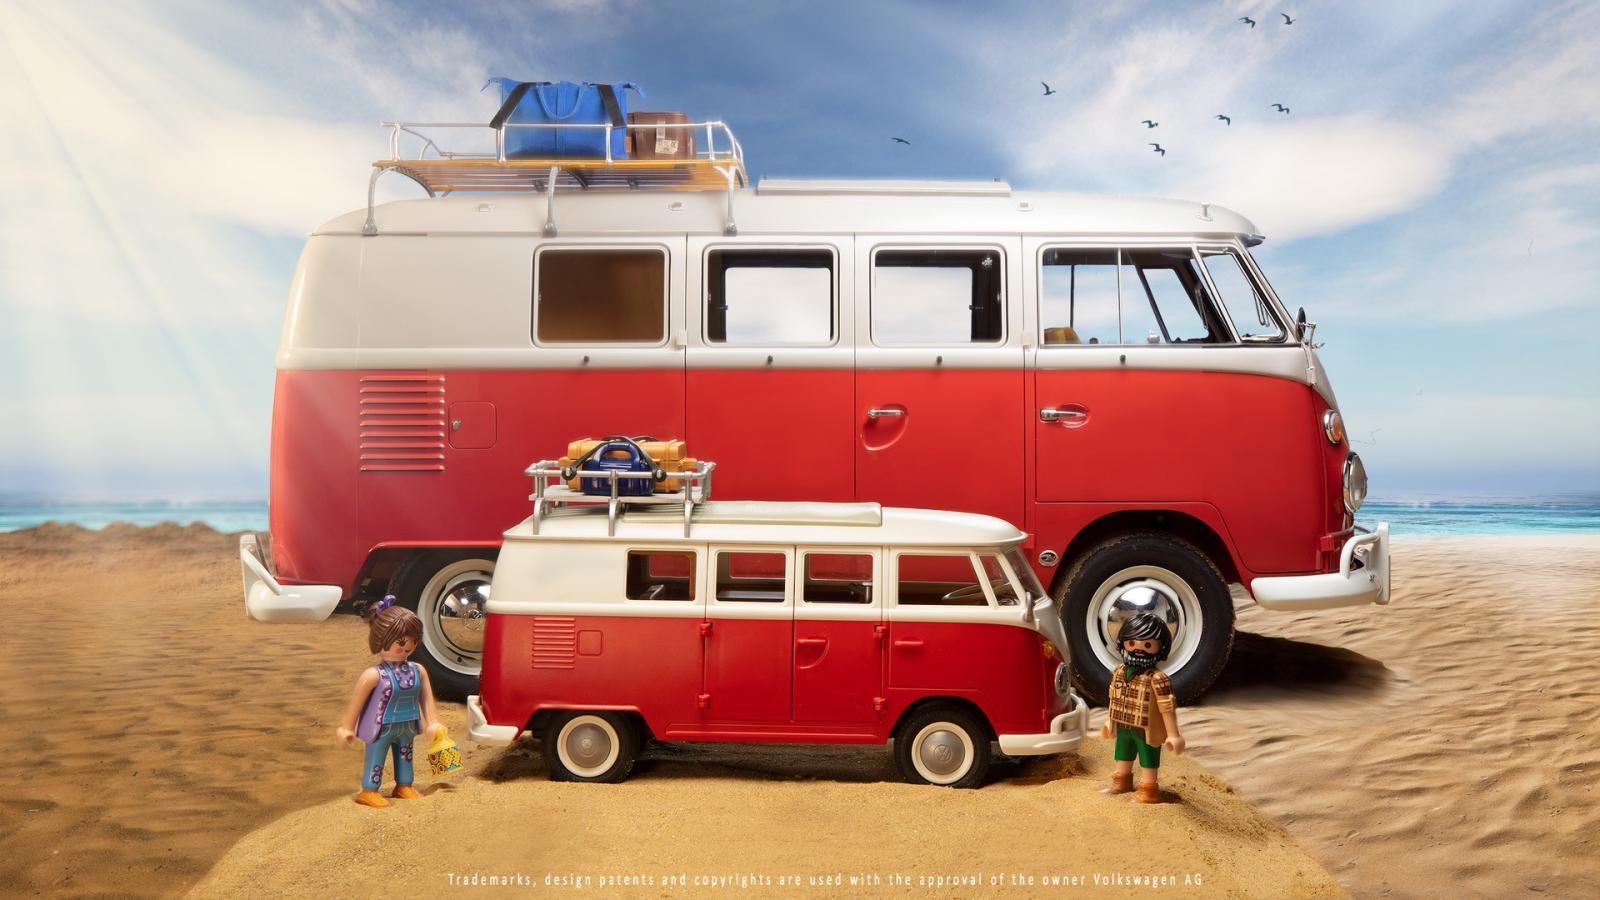 Playmobil Volkswagen T1 Camper